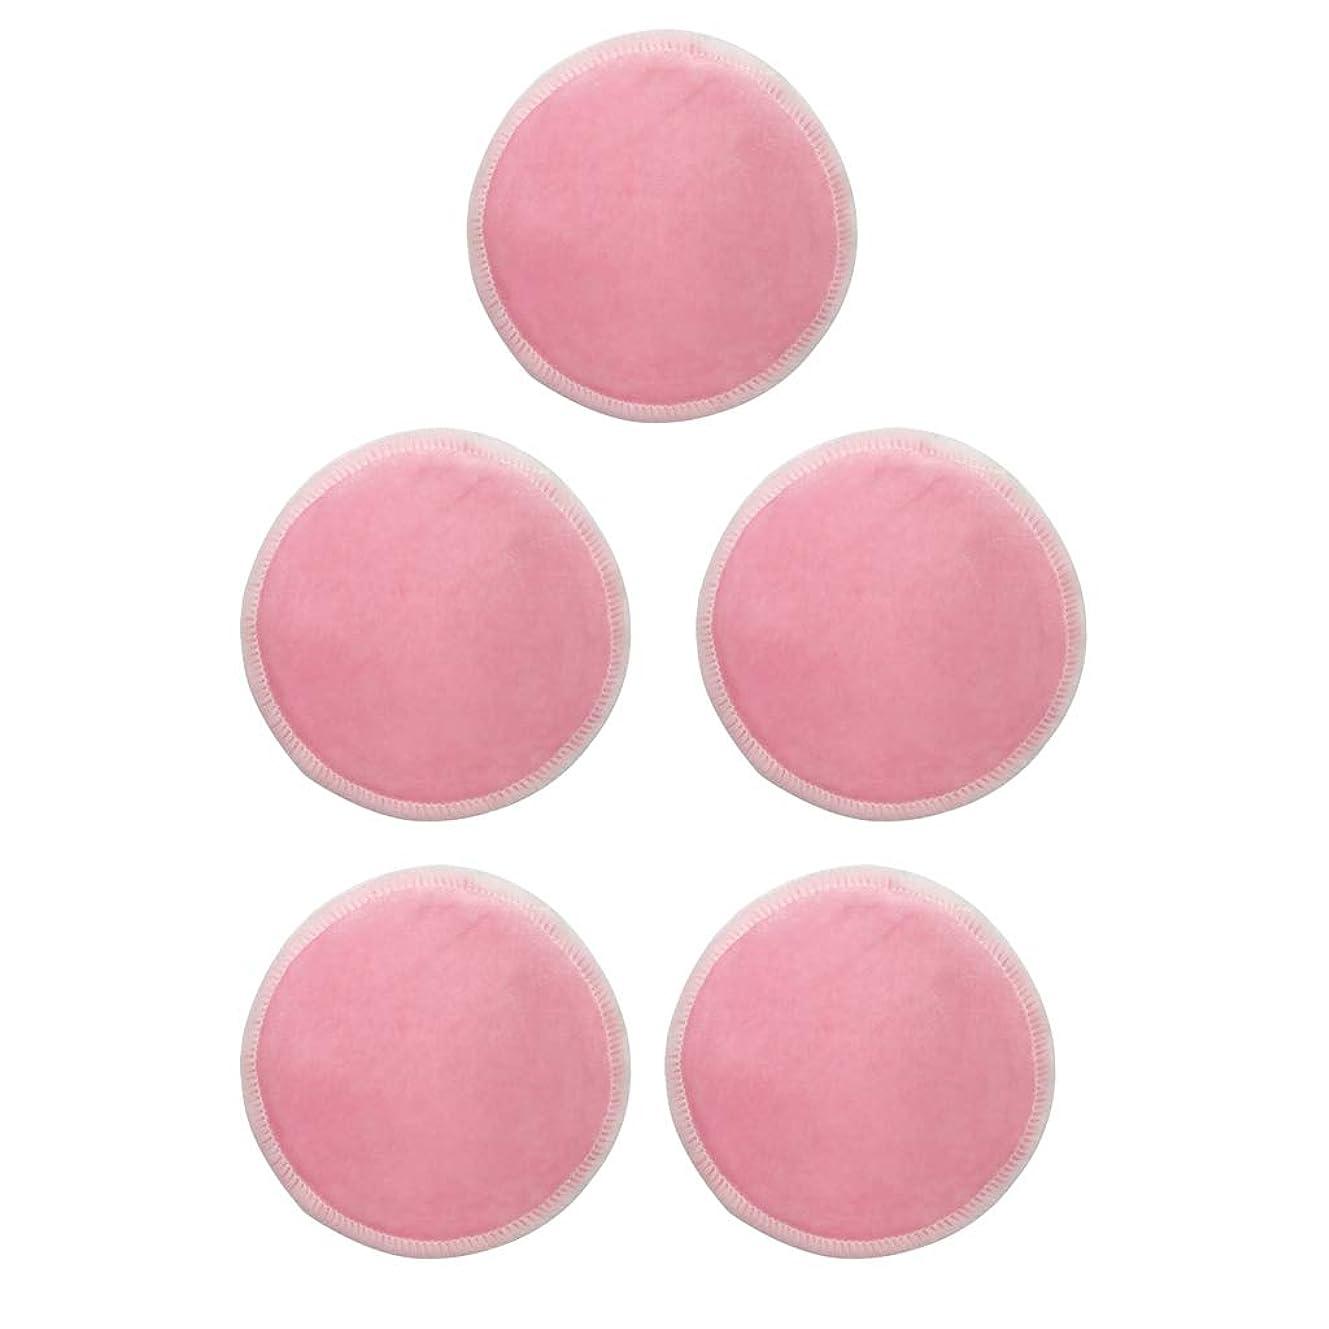 悪質な彫刻家る5個 メイクアップリムーバーパッド メイク落とし ふわふわ 柔らかい コットン 4色選べ - ピンク